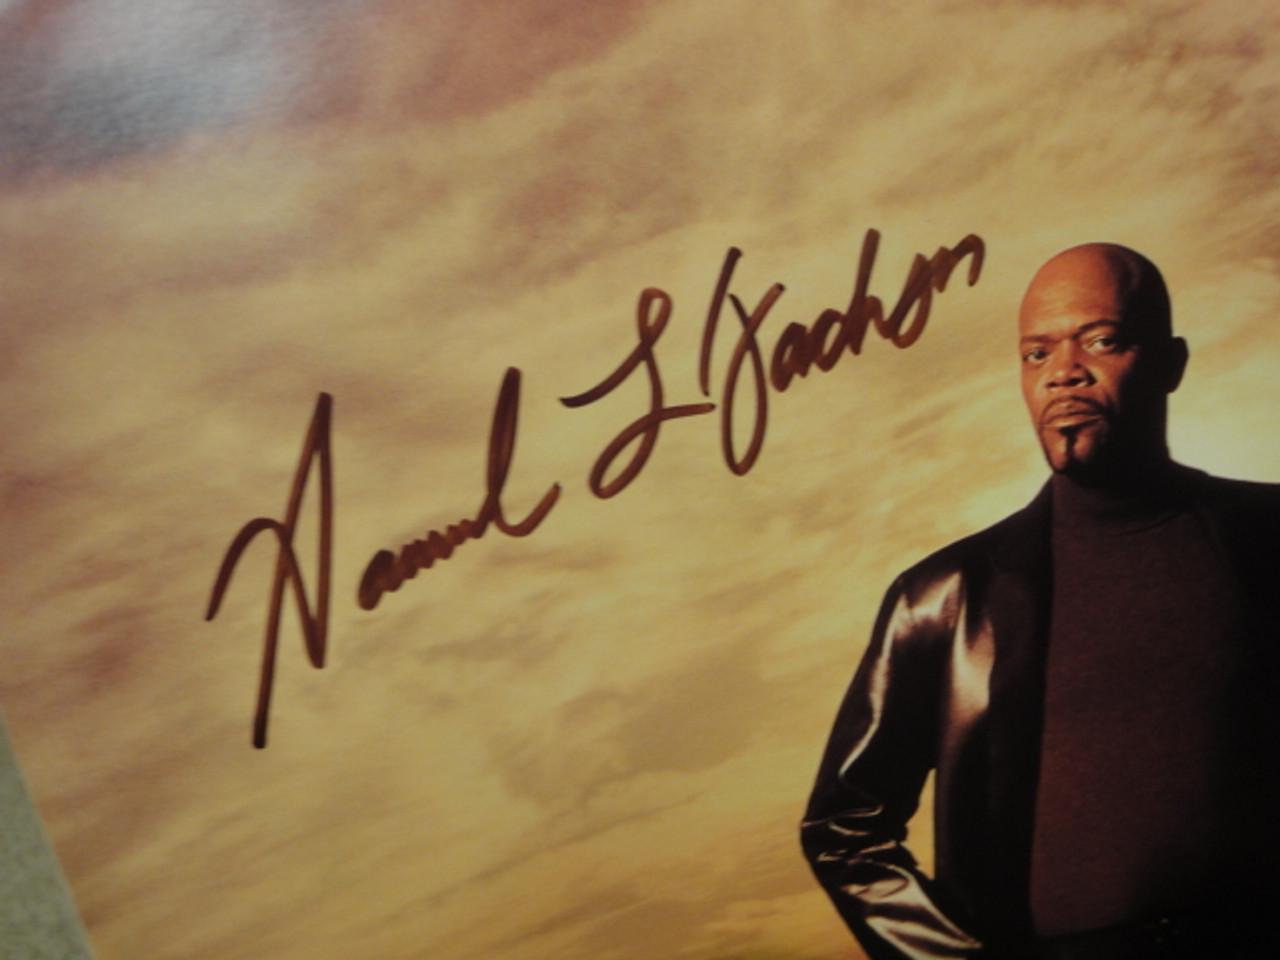 Jackson, Samuel L. Color Photo Signed Autograph